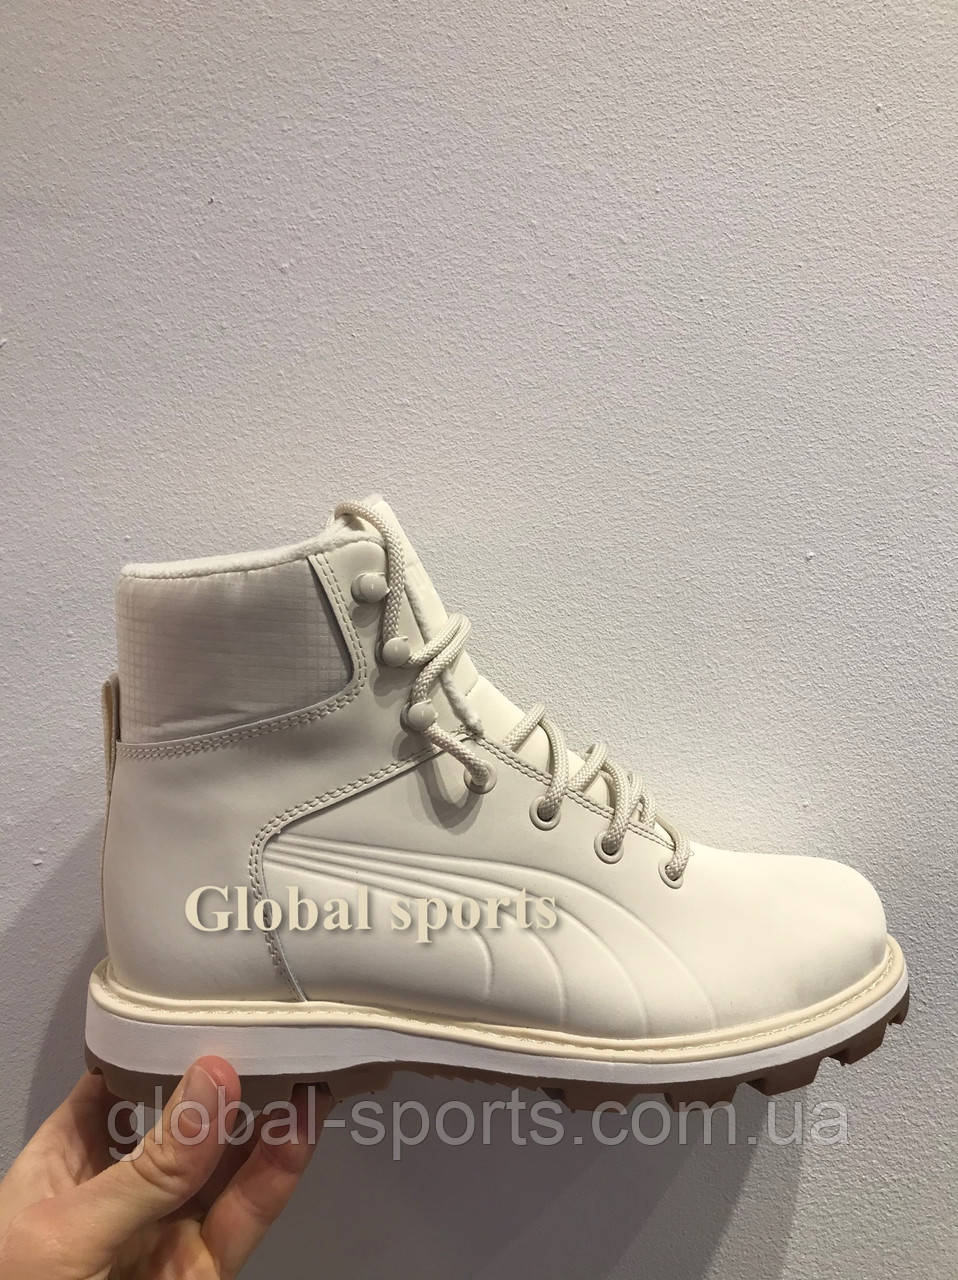 Жіночі зимові черевики Puma Desierto FUN L (Артикул: 36119210) )